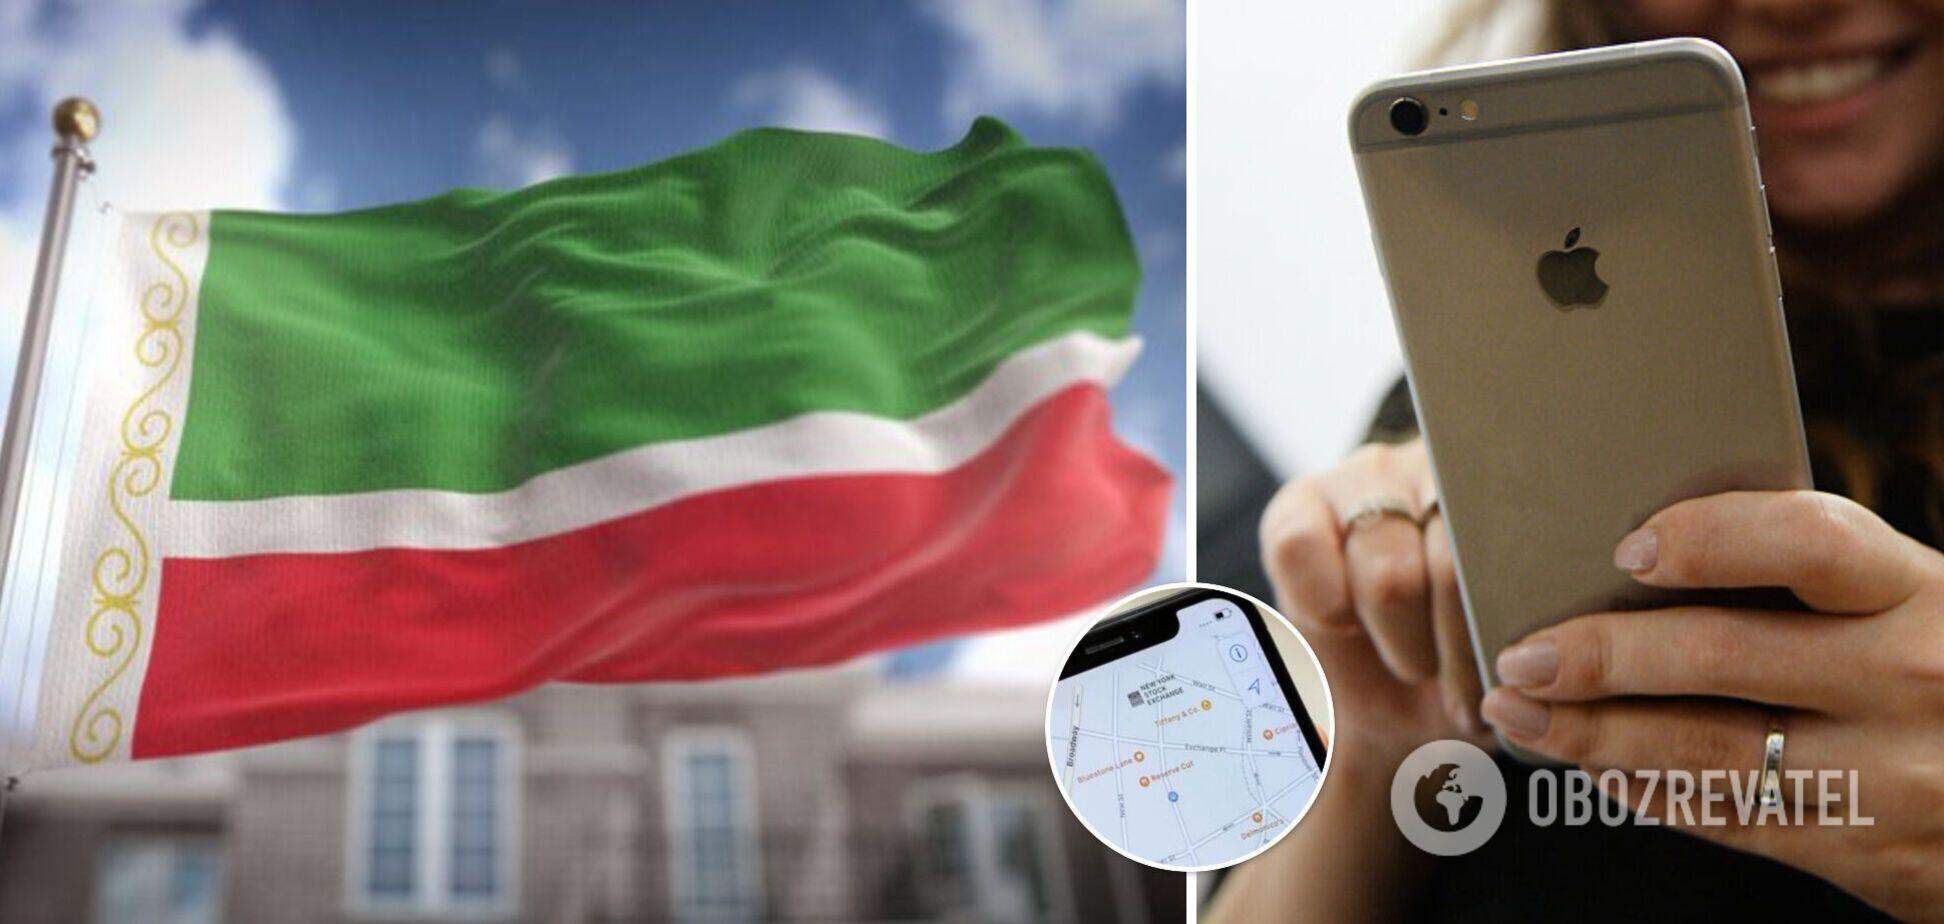 В Apple Чечня стала відображатися як Ічкерія на картах українською мовою